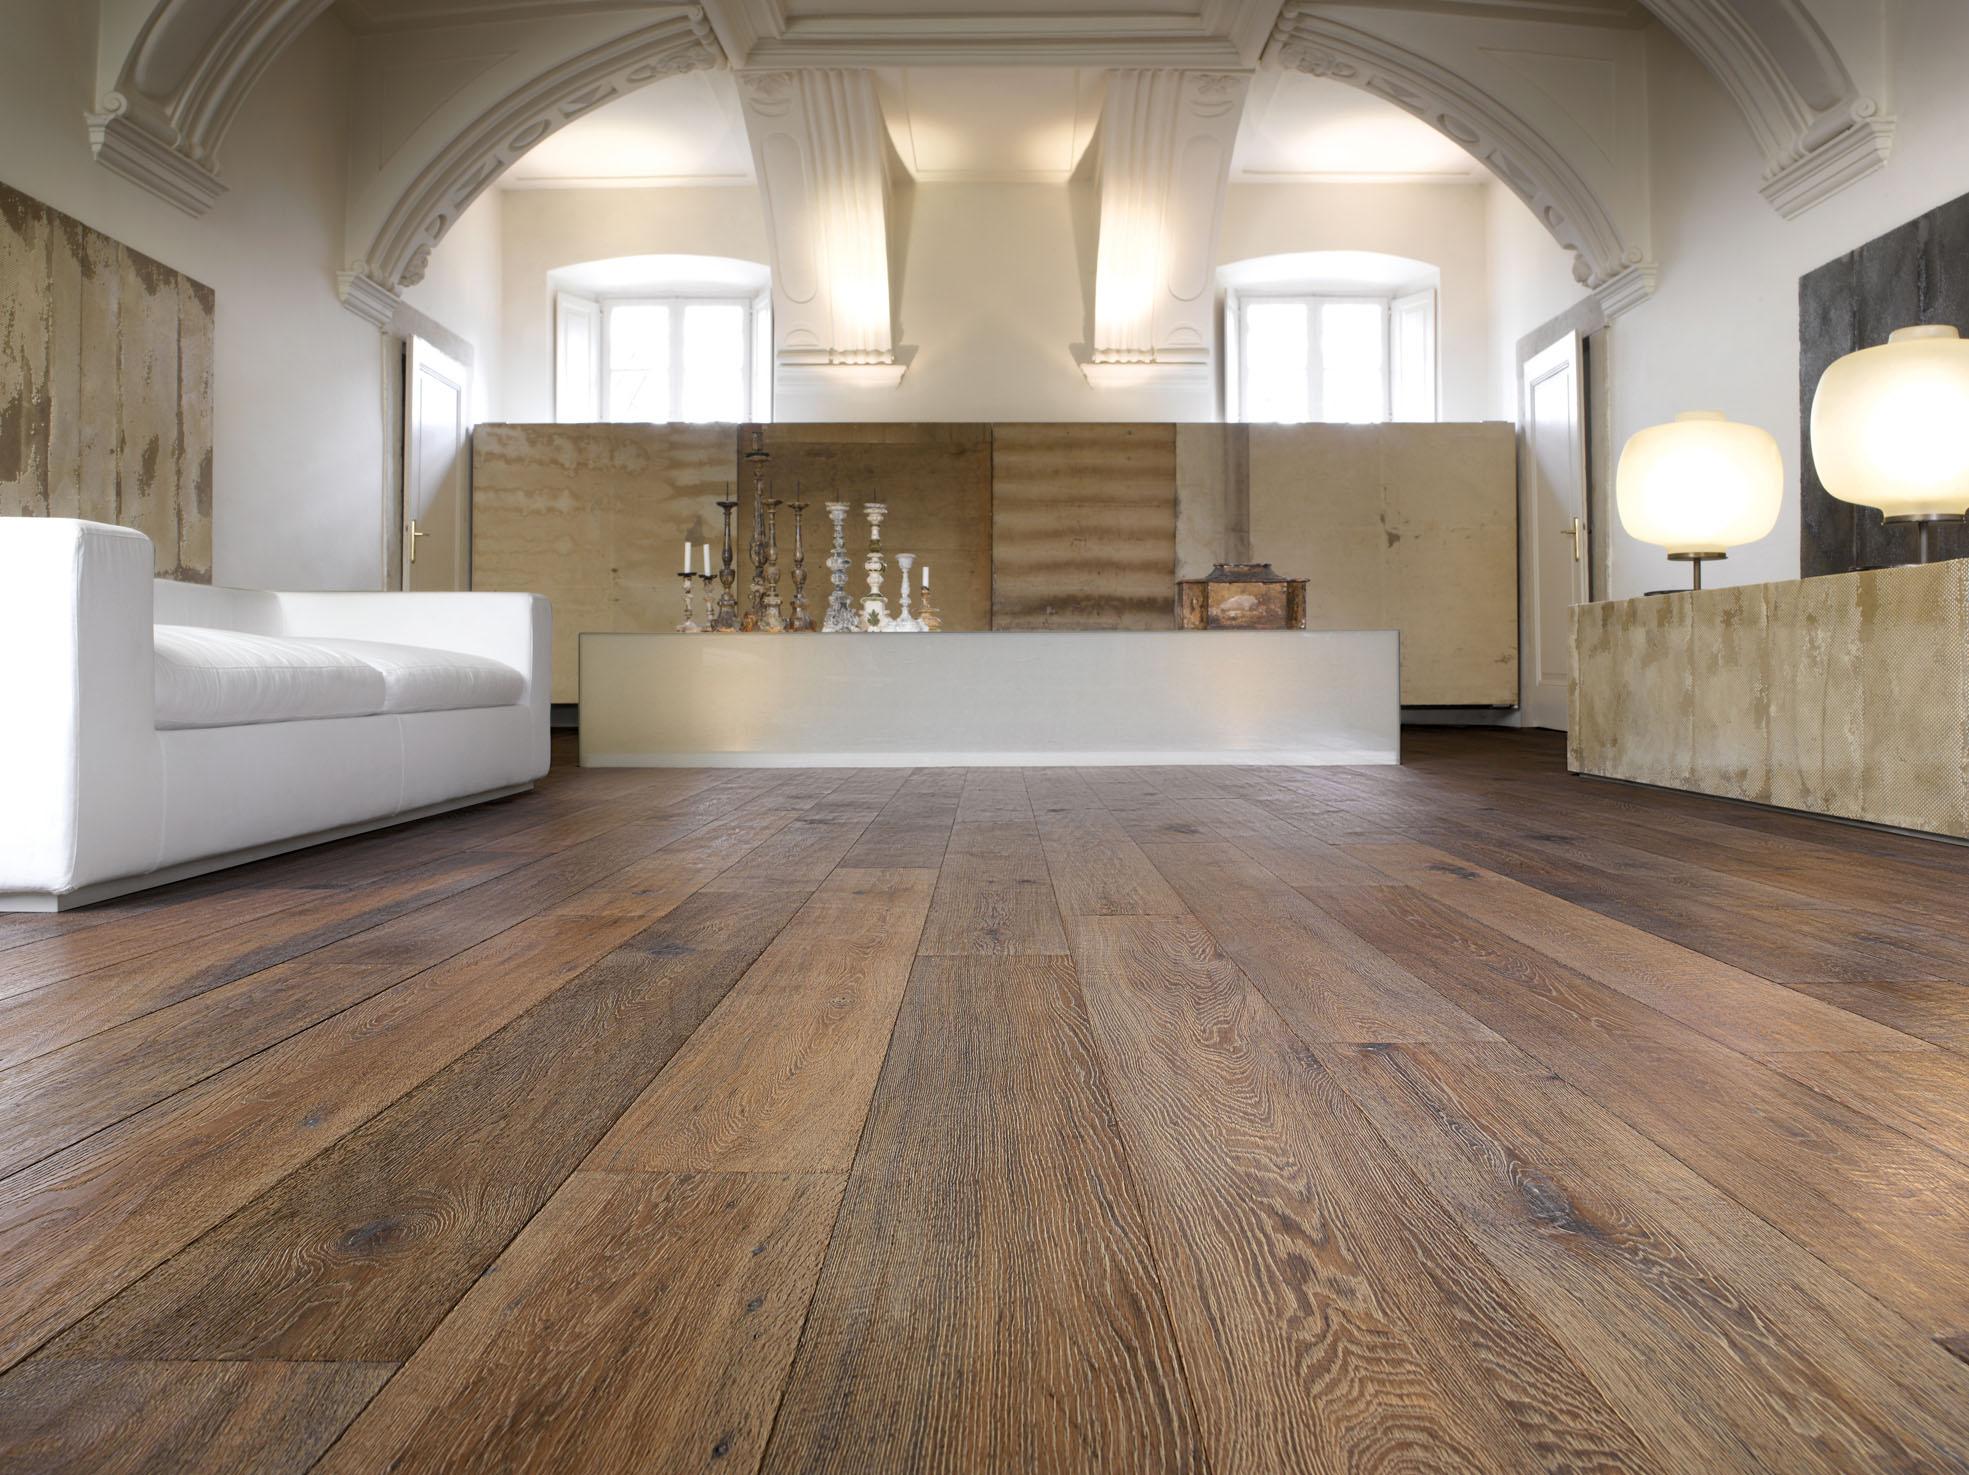 tipos-de-piso-de-madeira-assoalho-de-madeira